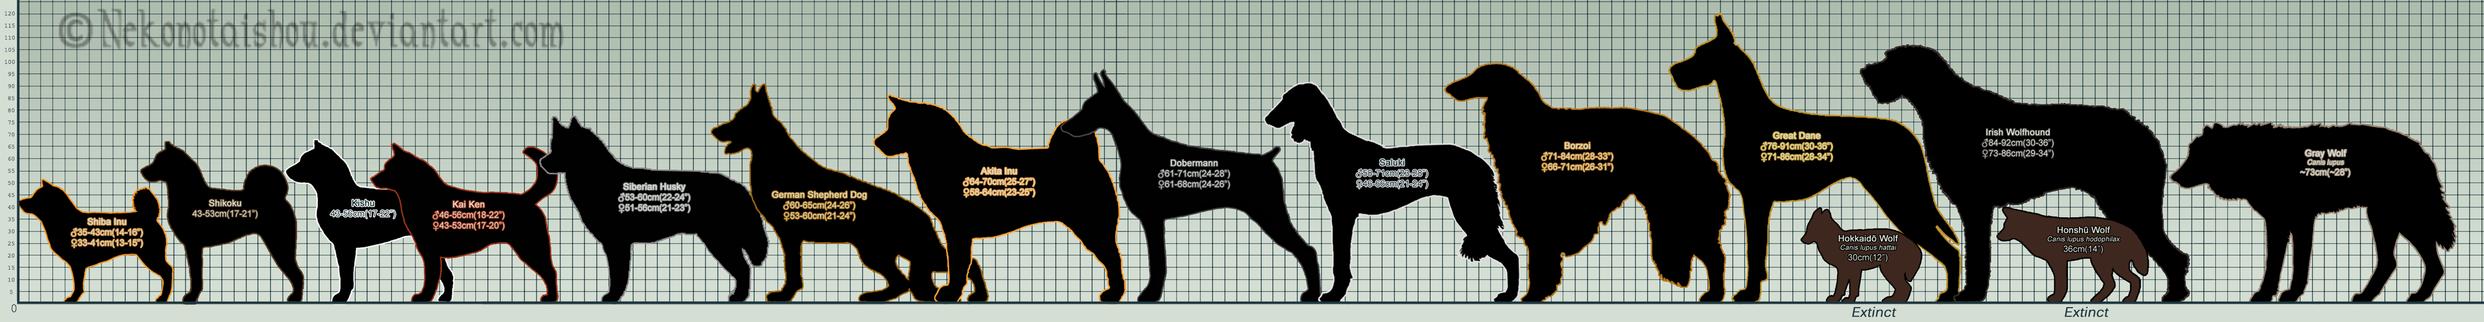 Ginga Breed Size Chart WIP by nekonotaishou